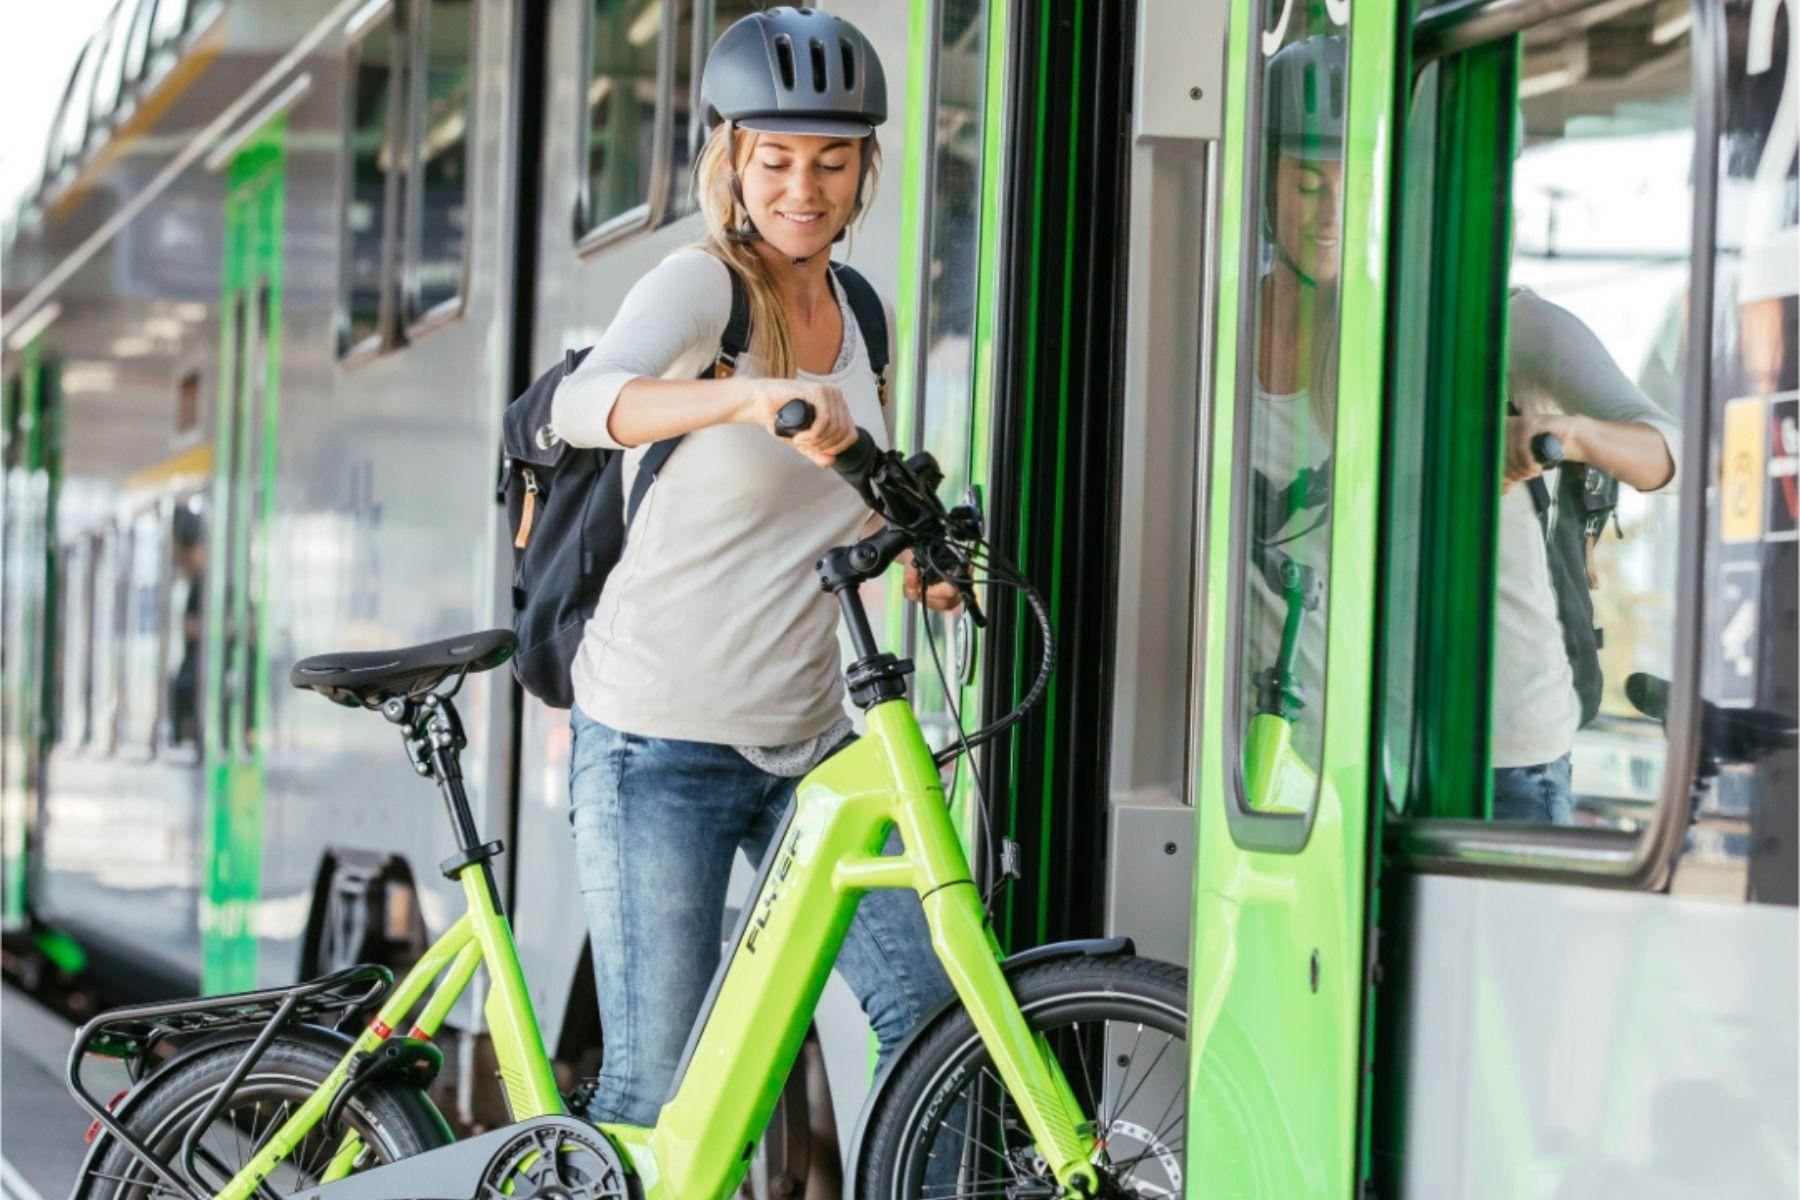 mein-dienstrad.de fordert Gipfel zur Verkehrswende